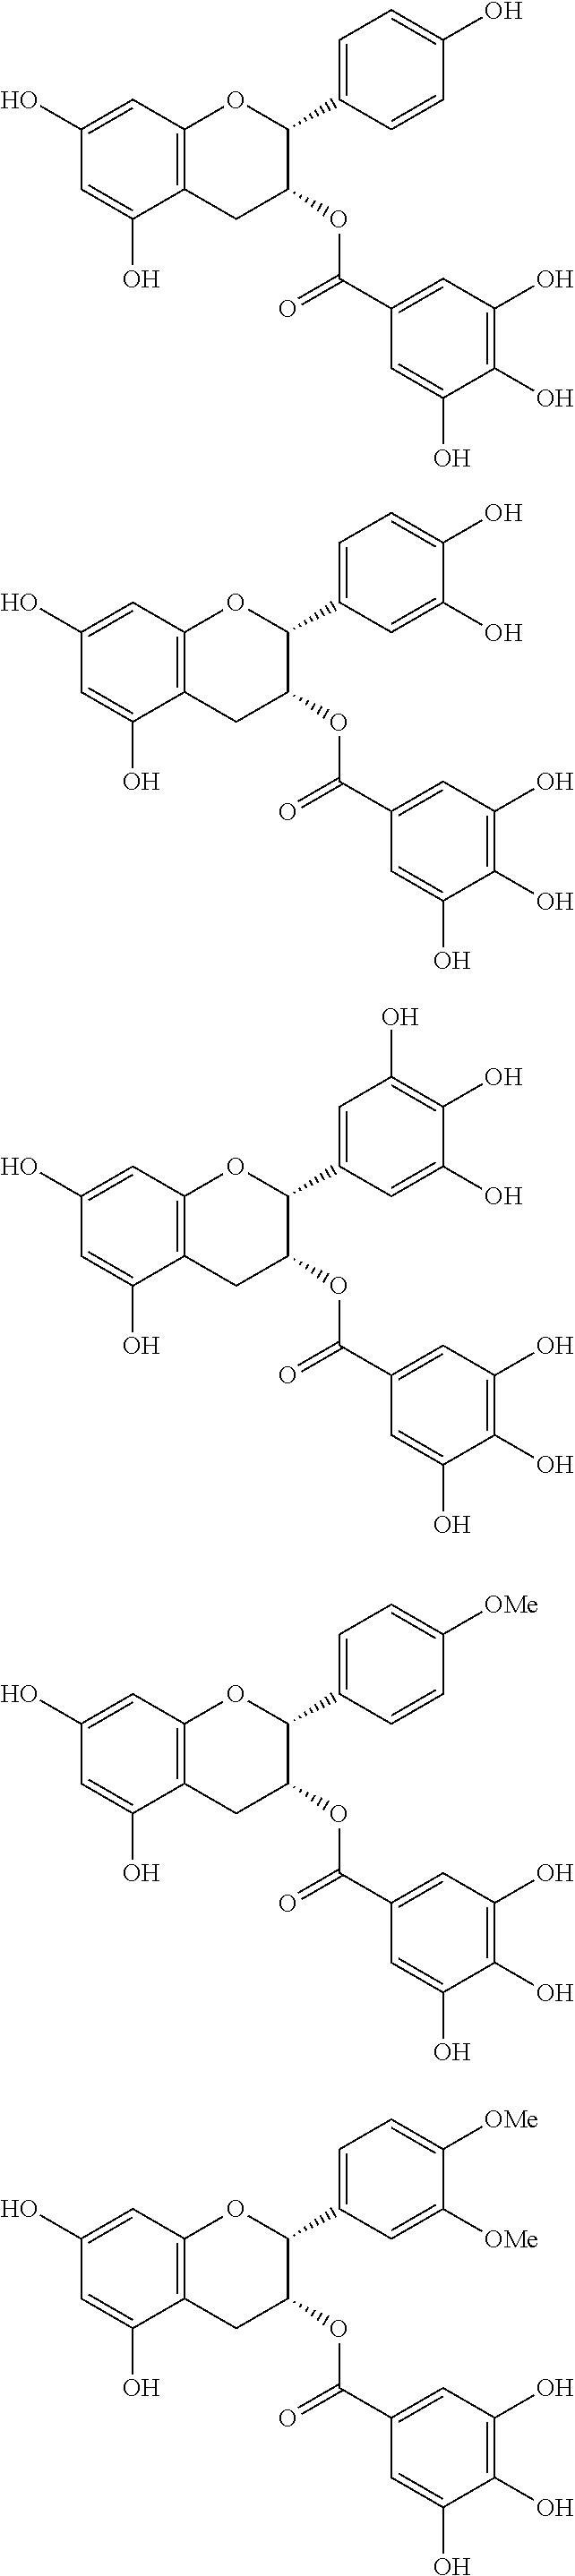 Figure US09962344-20180508-C00056